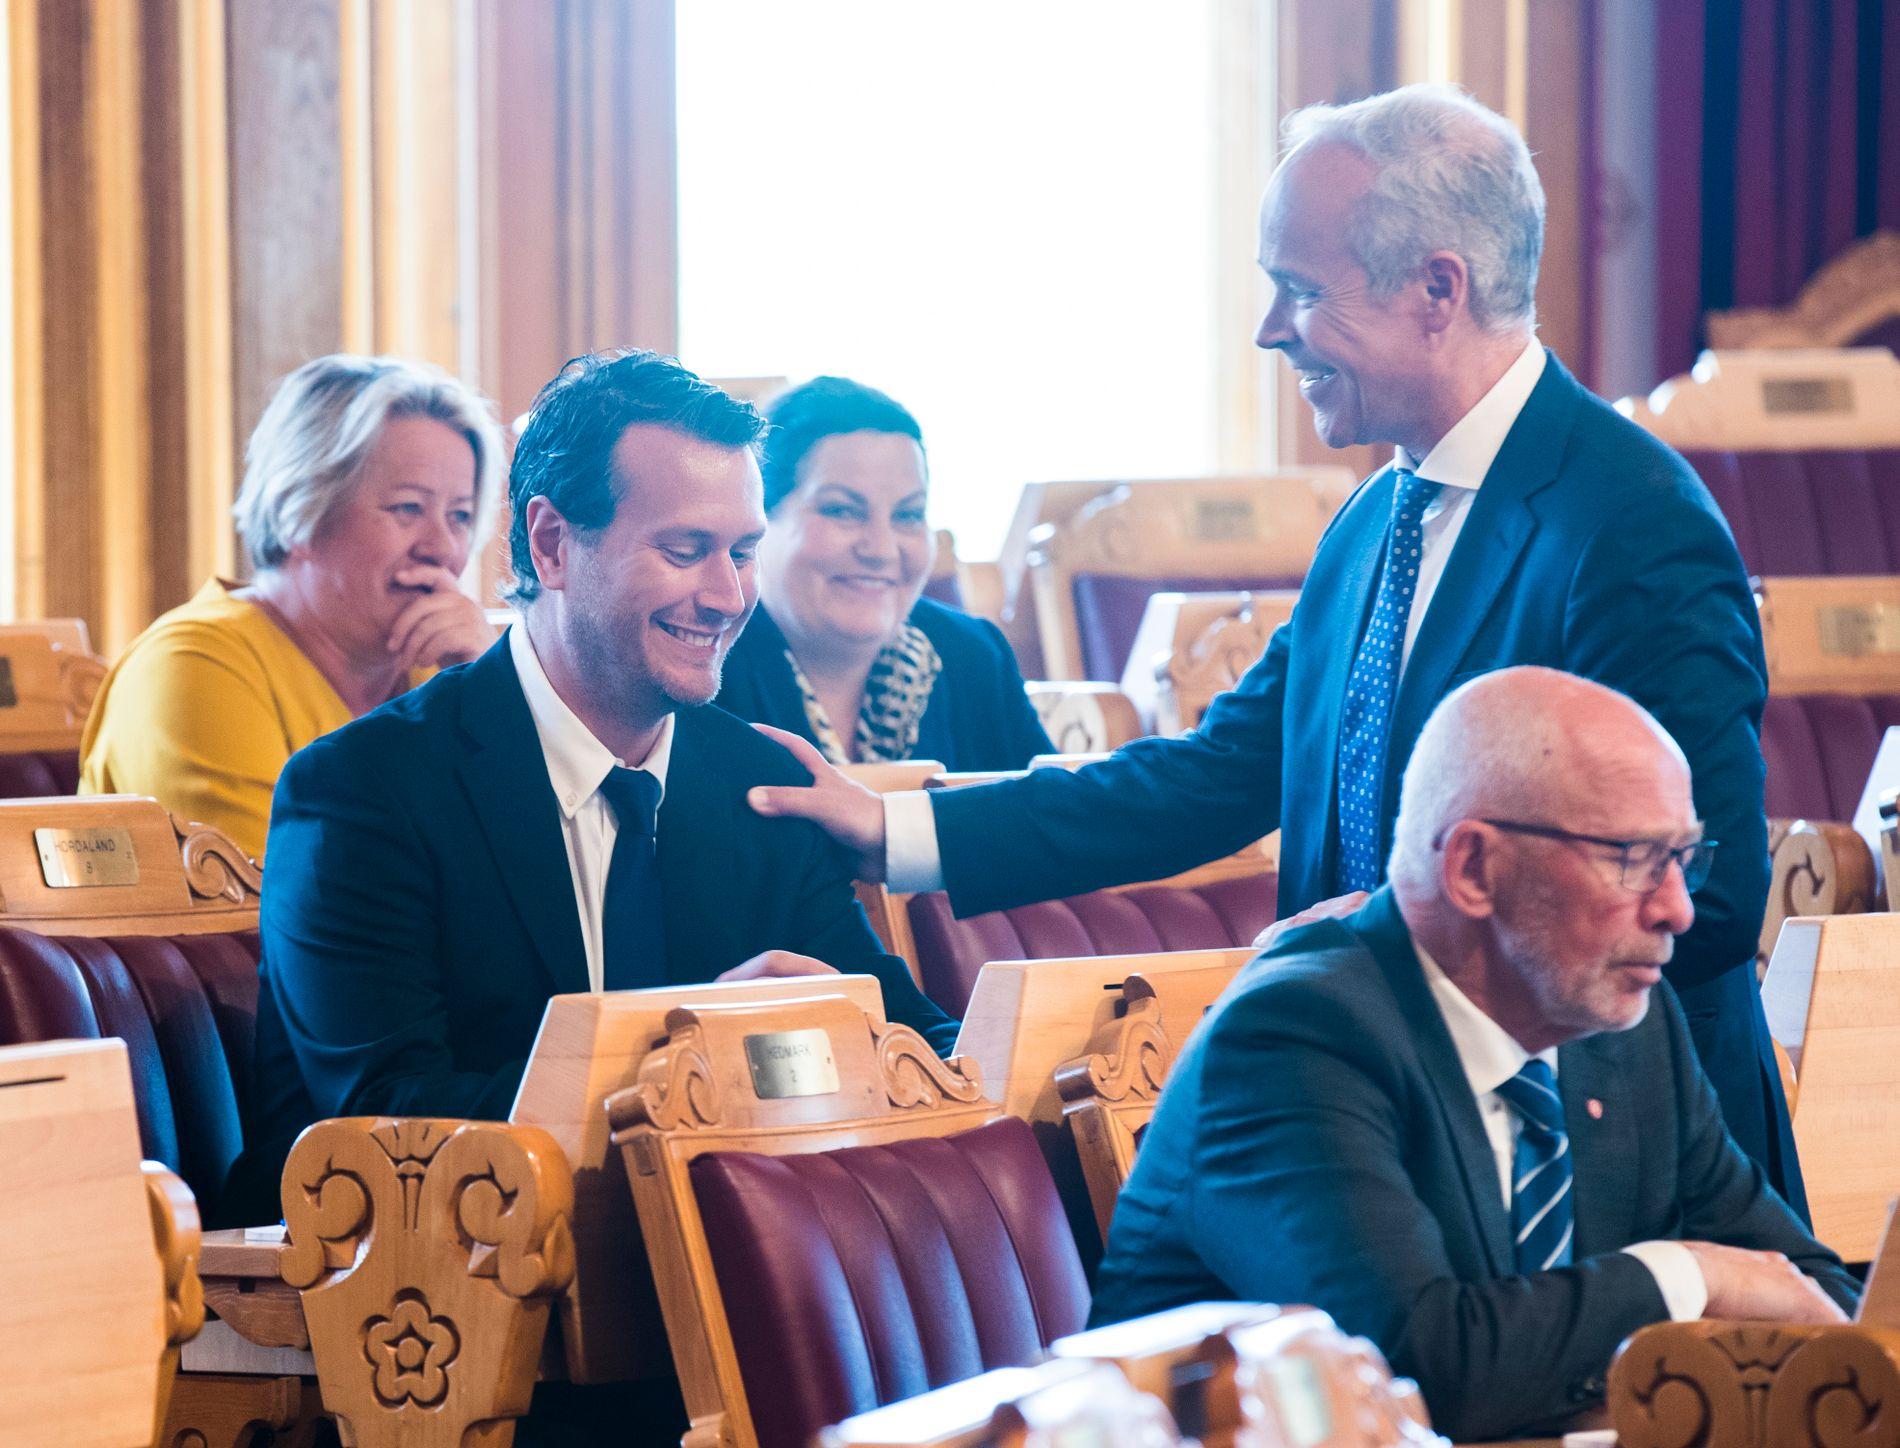 KOMMUNE-KAMERATER: Helge André Njåstad (Frp) får en klapp på skulderen av kommunalminister Tore Sanner (H) mens Stortinget behandler tvangssammenslåingene. Njåstad ledet forhandlingene om tvangssammenslåingene.